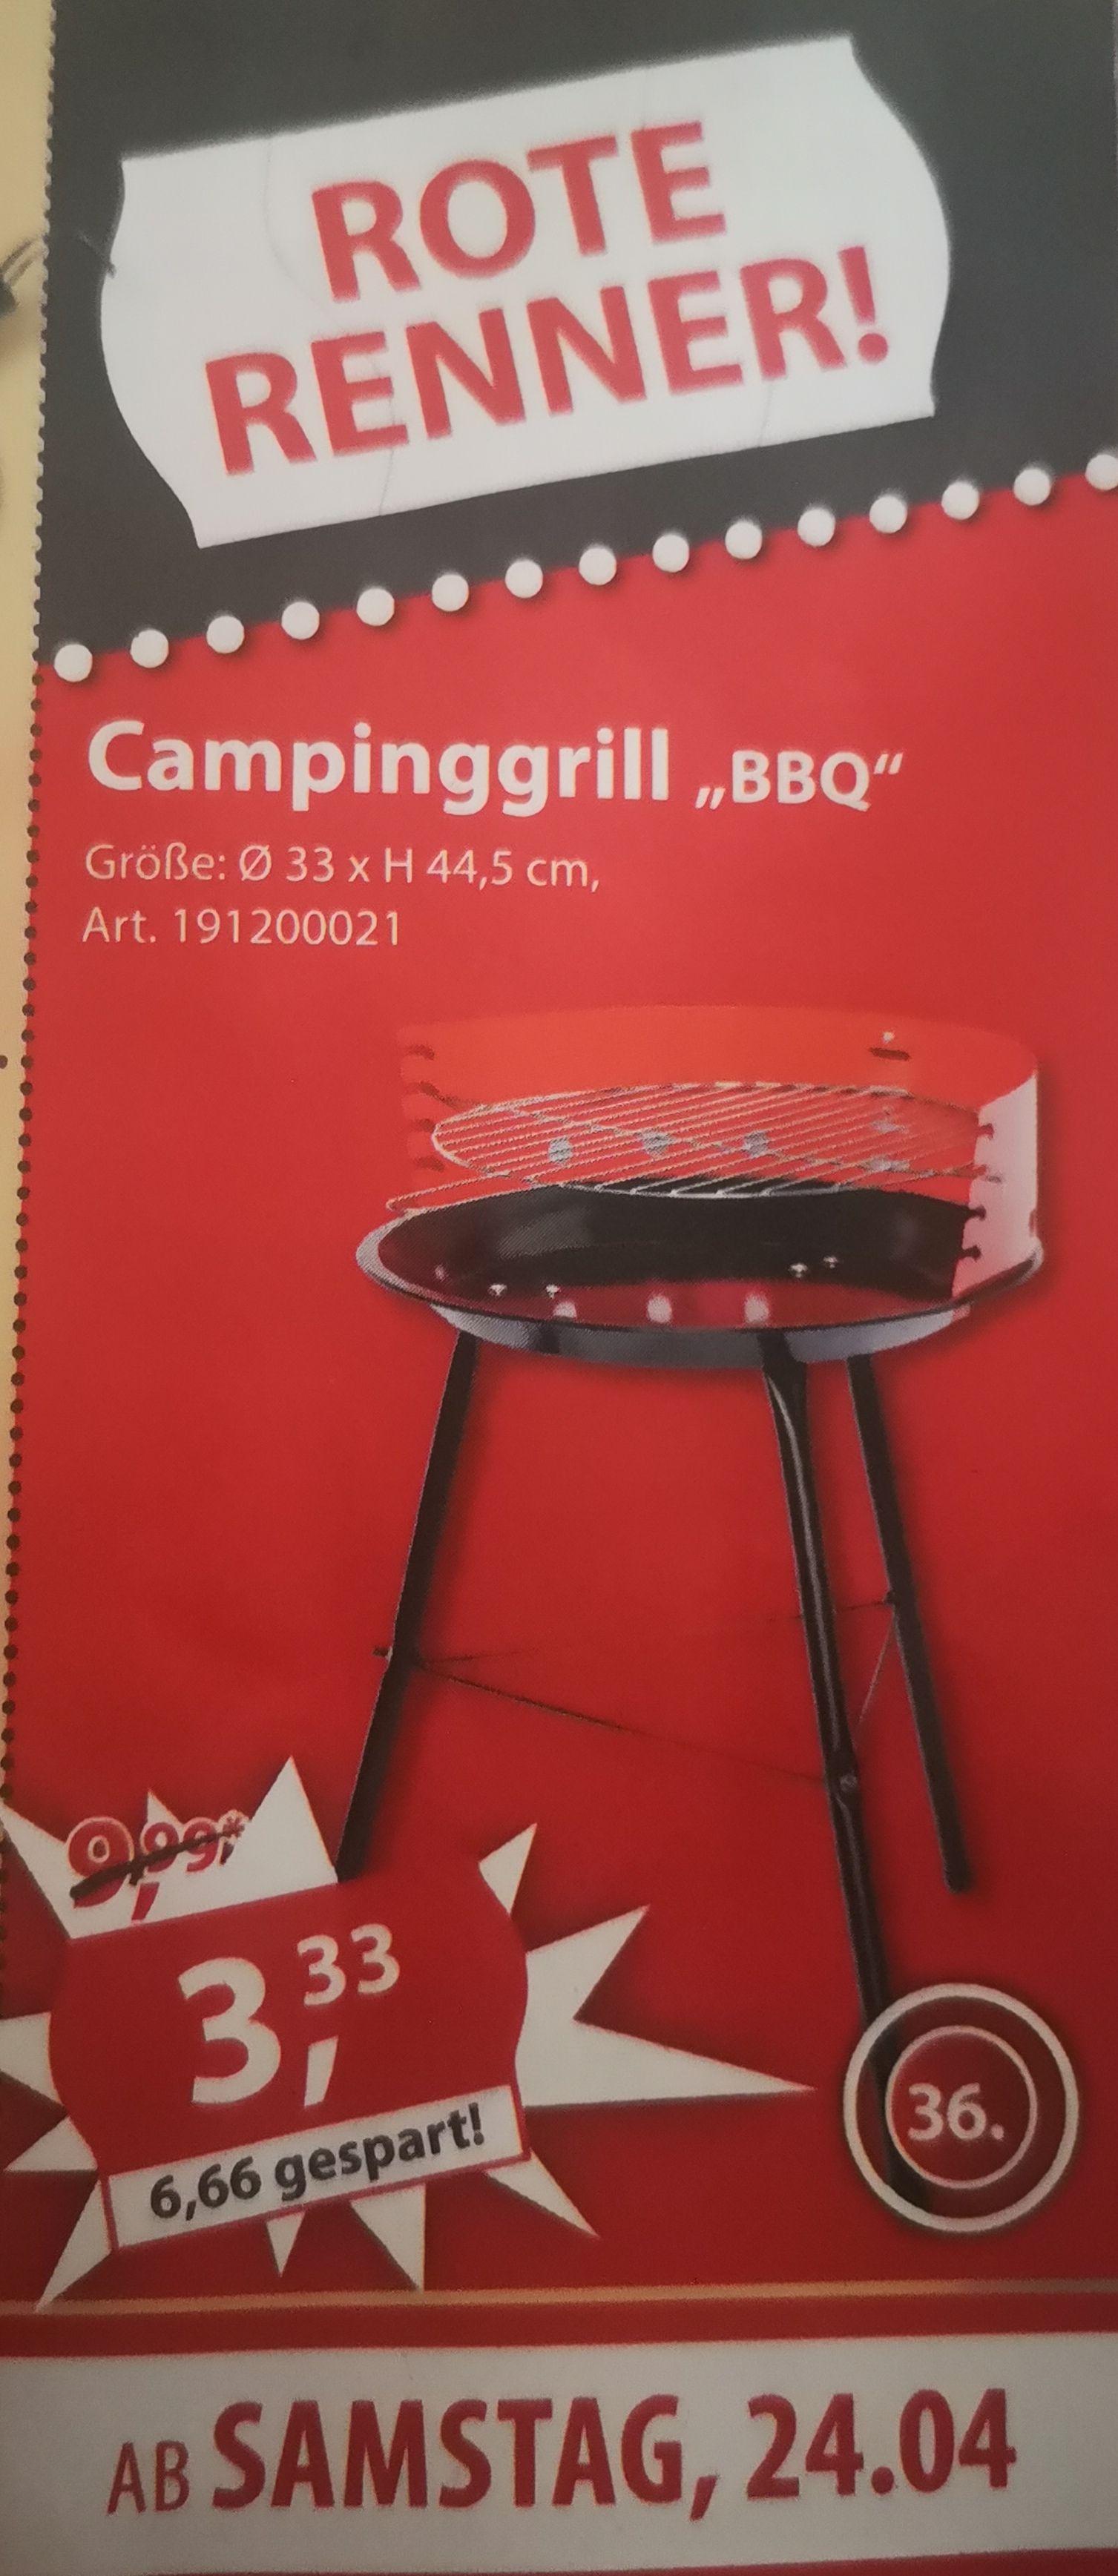 Campinggrill BBQ (Sonderpreis Baumarkt) [offline]